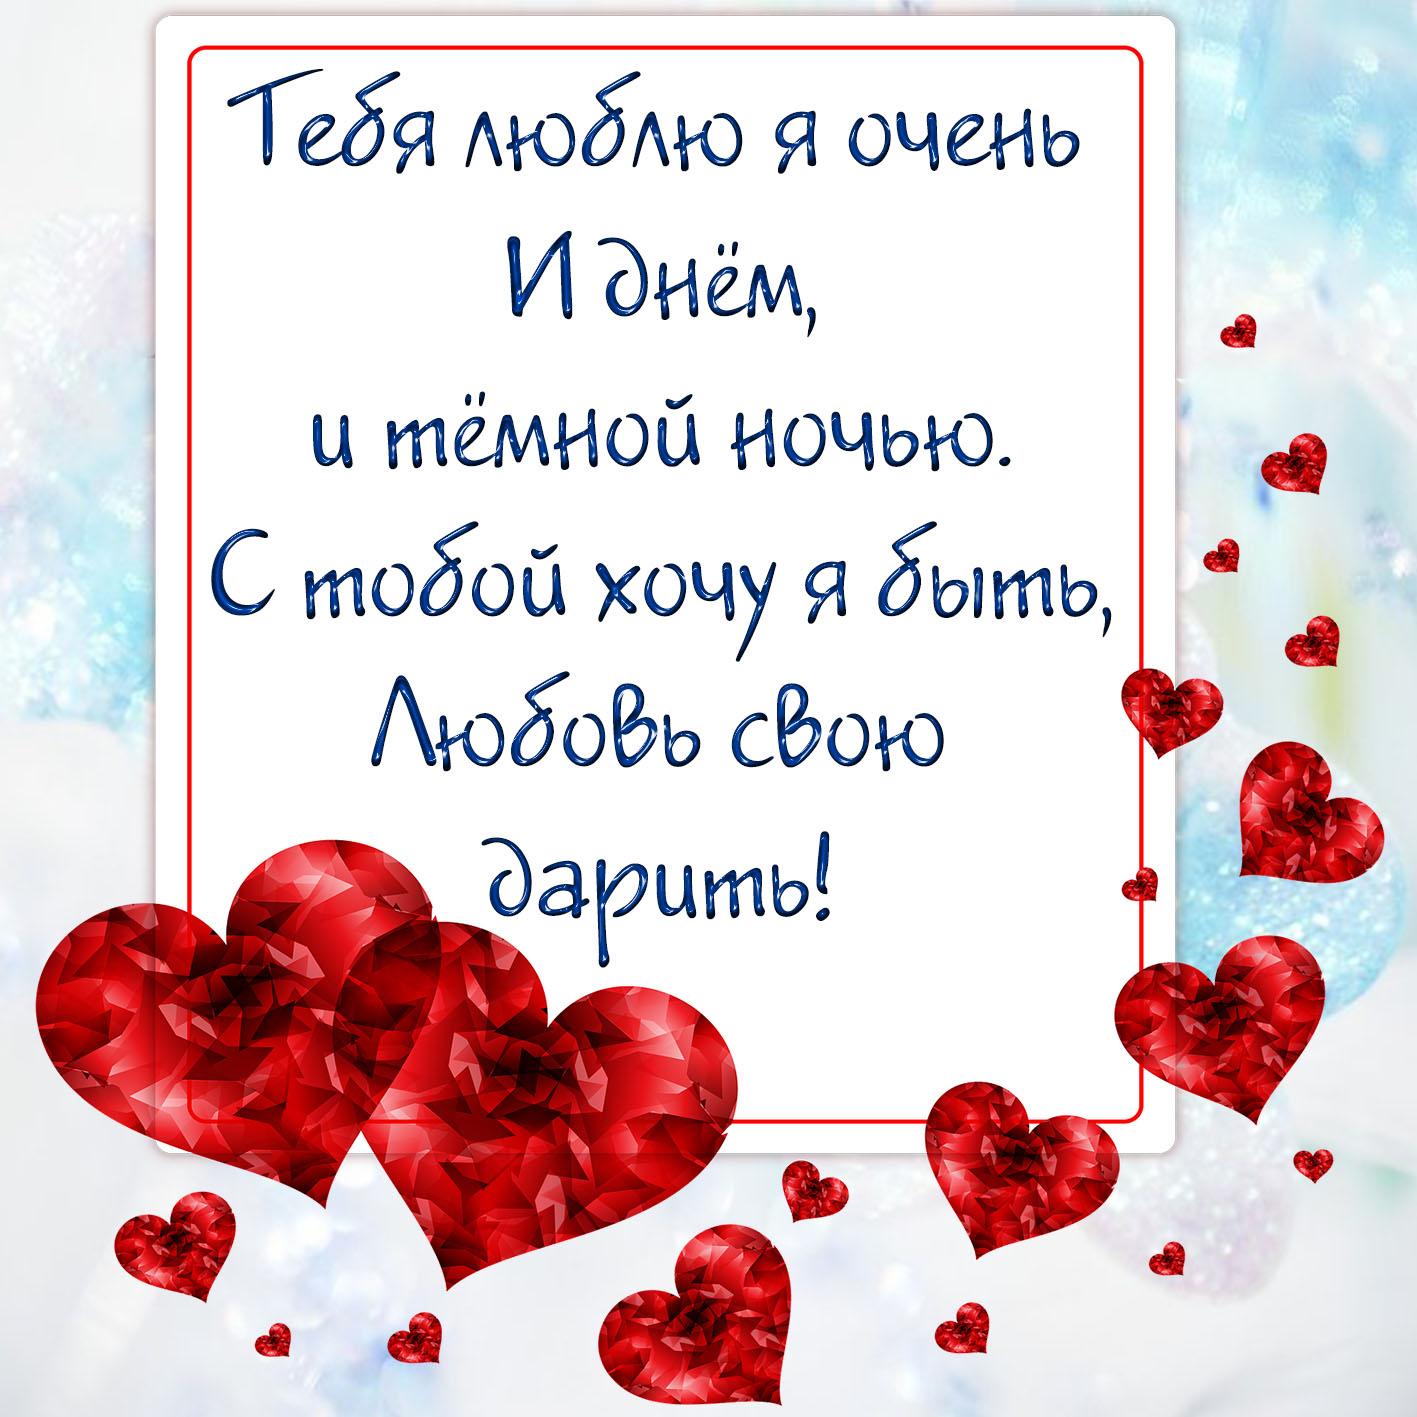 Открытка признался в любви